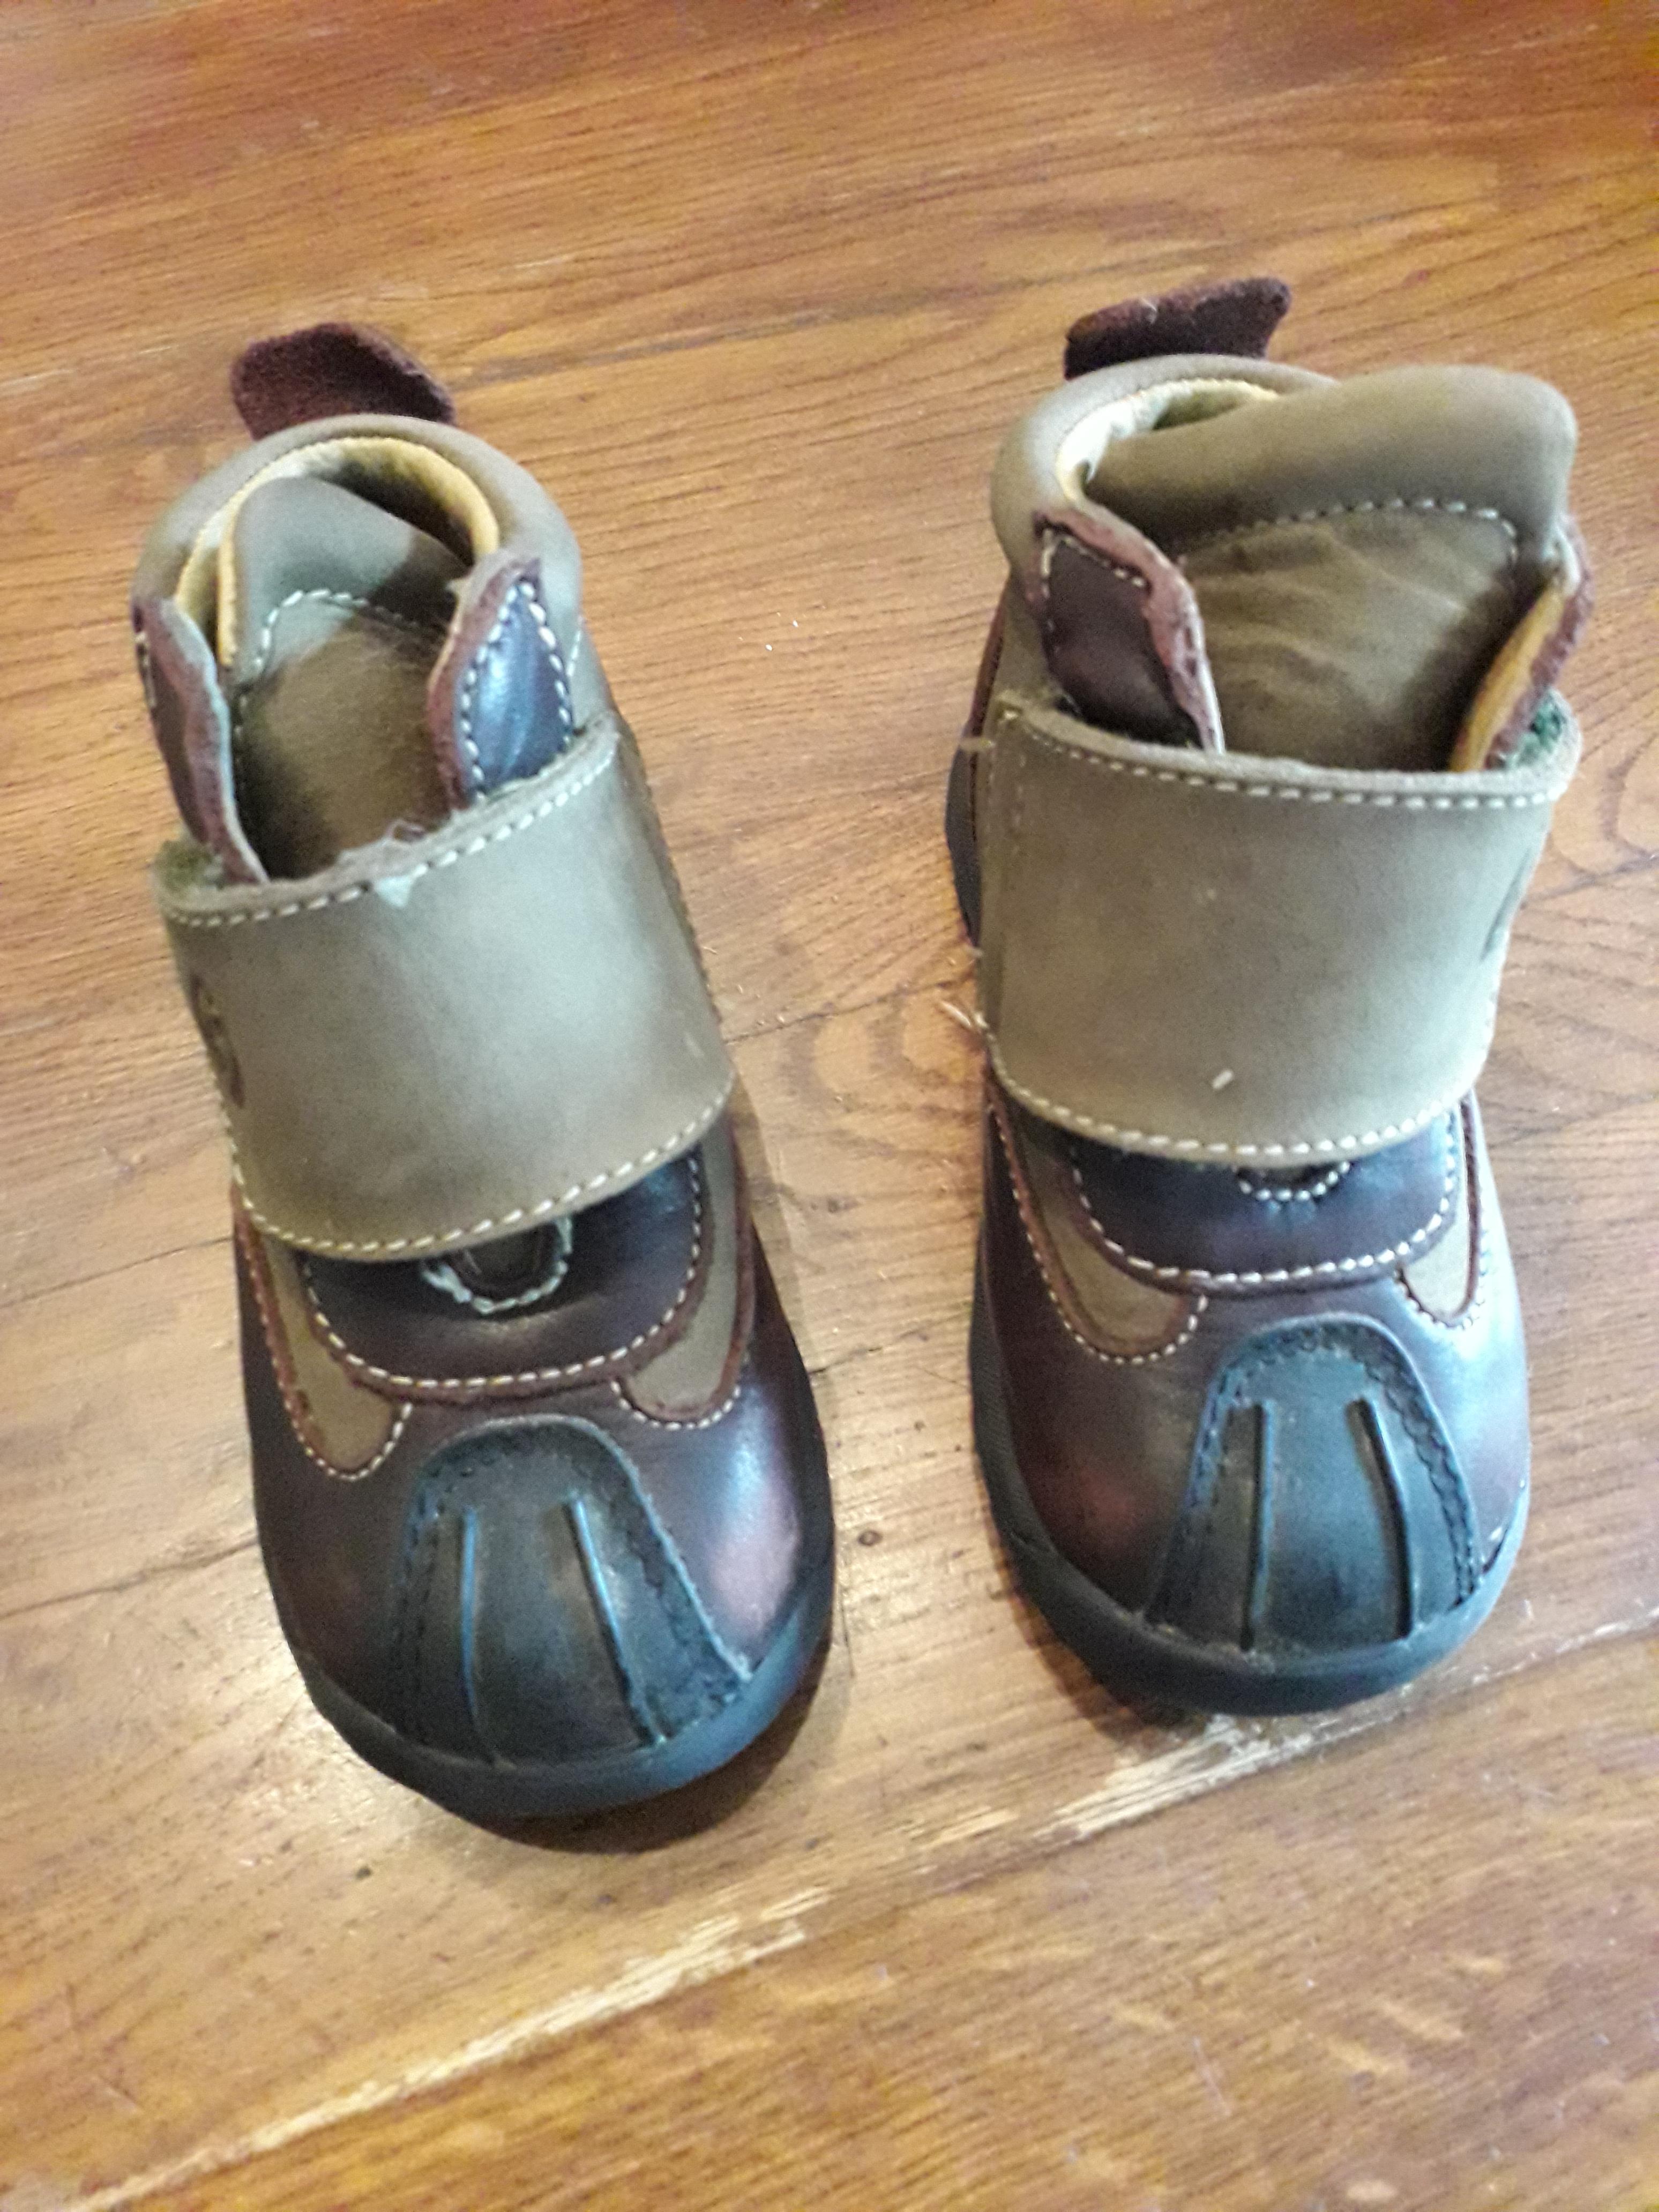 troc de troc chaussure garçon 21.22 image 1